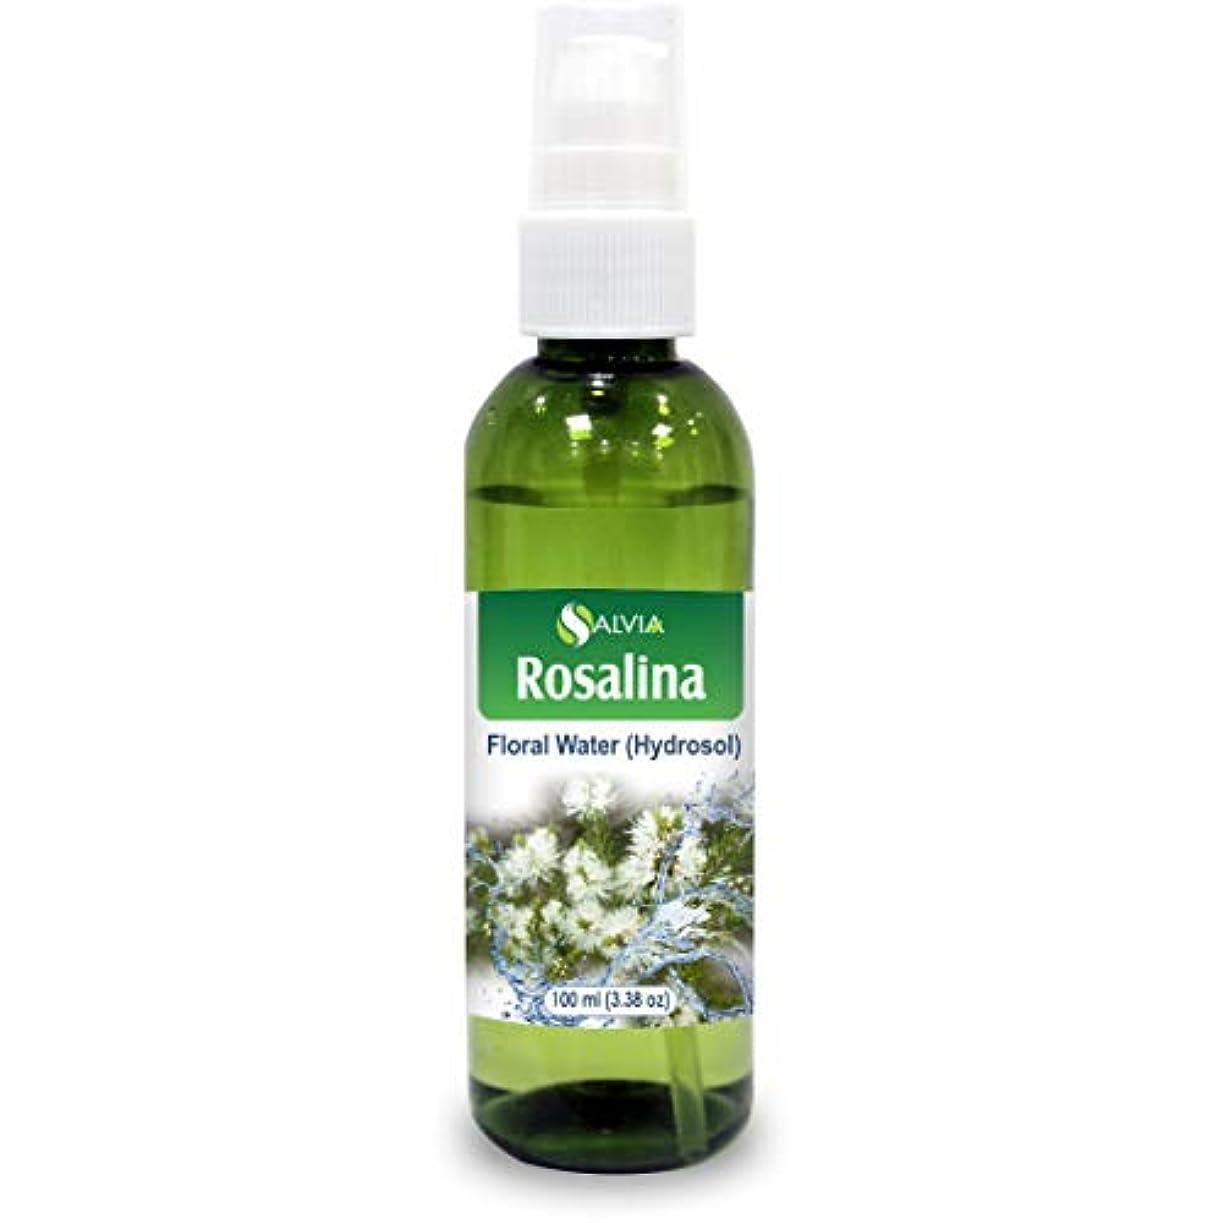 救急車故意に責めるRosalina Oil Floral Water 100ml (Hydrosol) 100% Pure And Natural